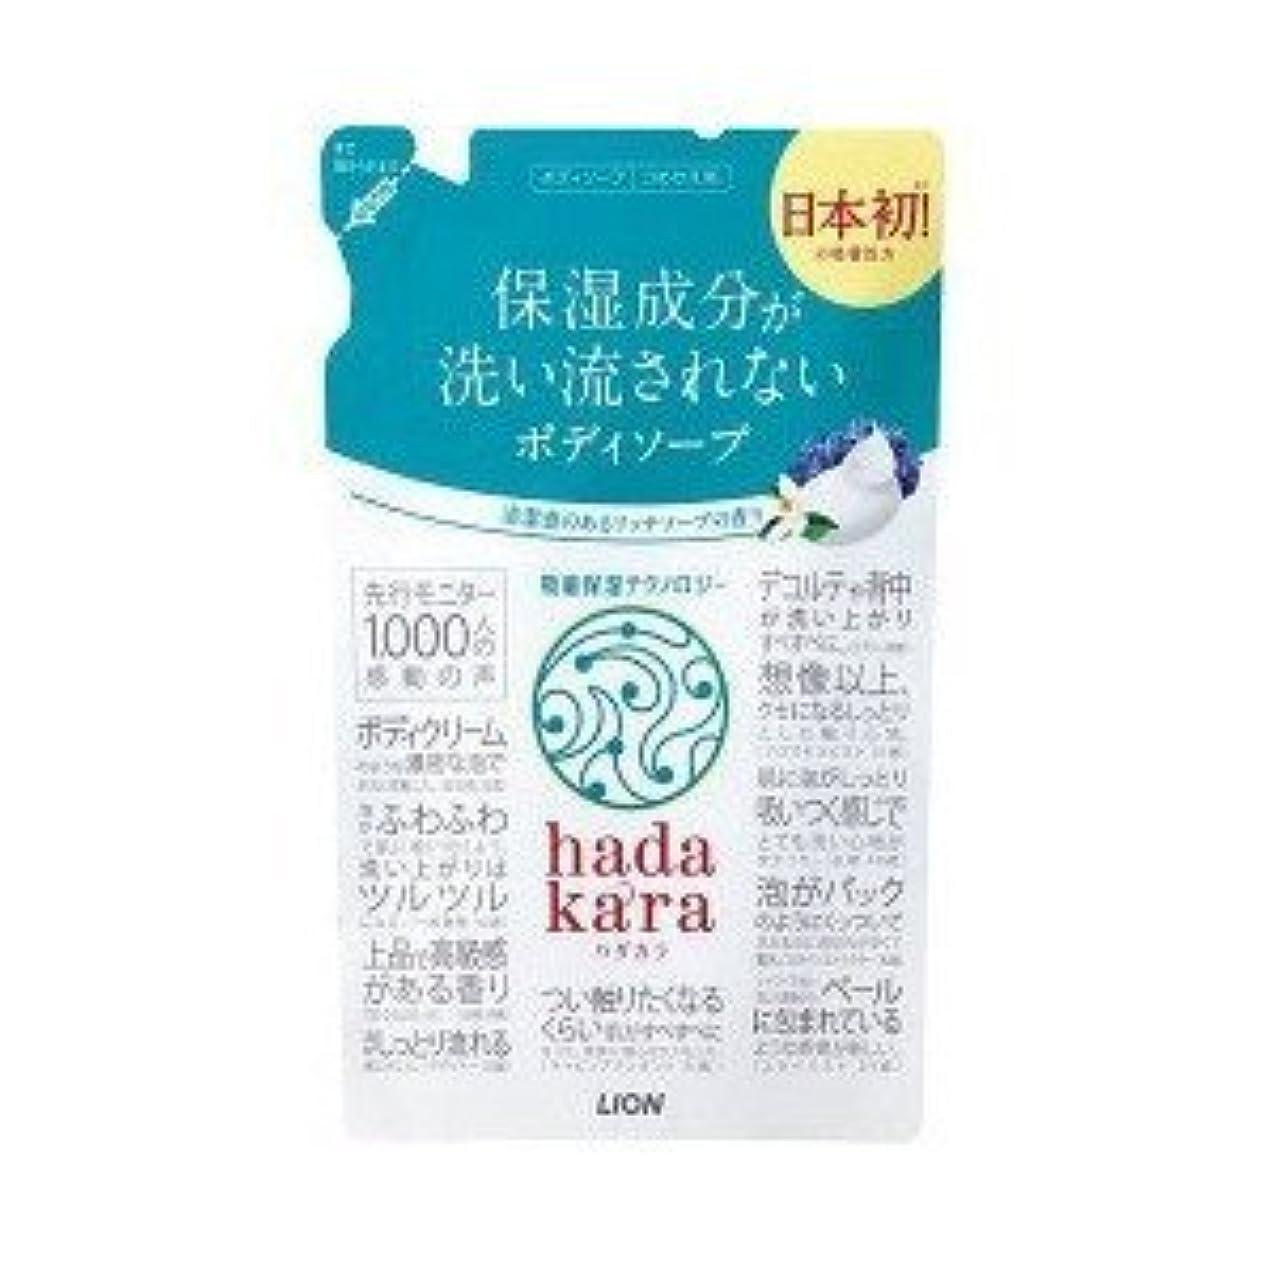 ジュラシックパーク皮肉な病弱(2016年秋の新商品)(ライオン)hadakara(ハダカラ) ボディソープ リッチソープの香り つめかえ用 360ml(お買い得3個セット)